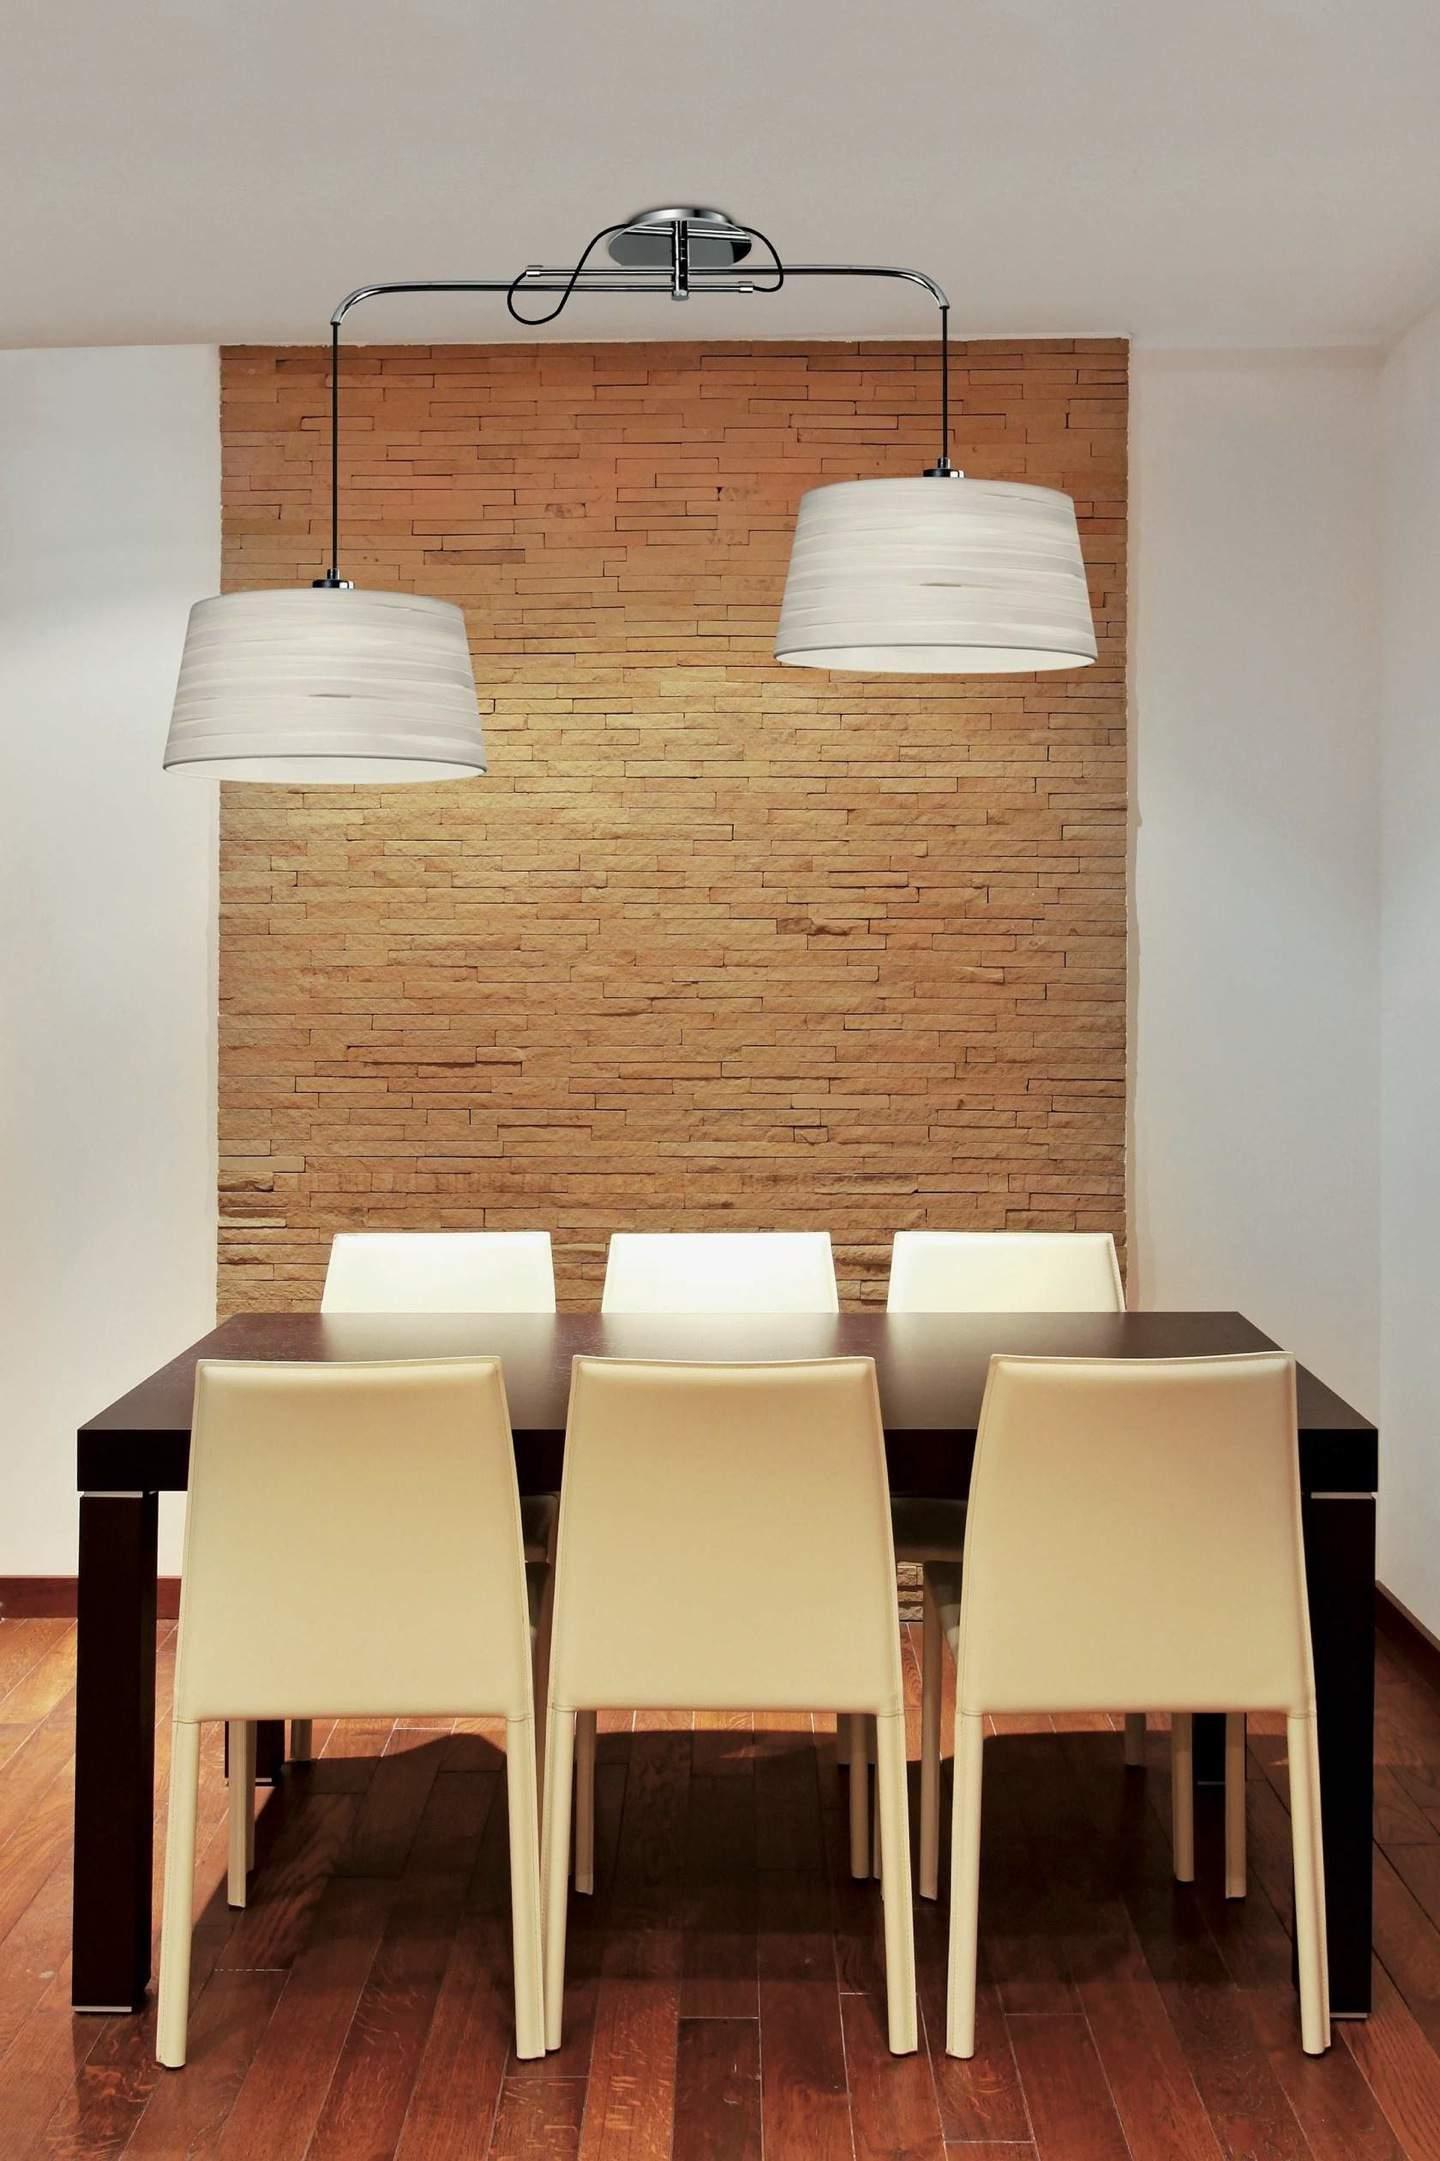 Lampadario Per Soffitto Basso: Lampadario da soffitto come sceglierlo per la camera letto.